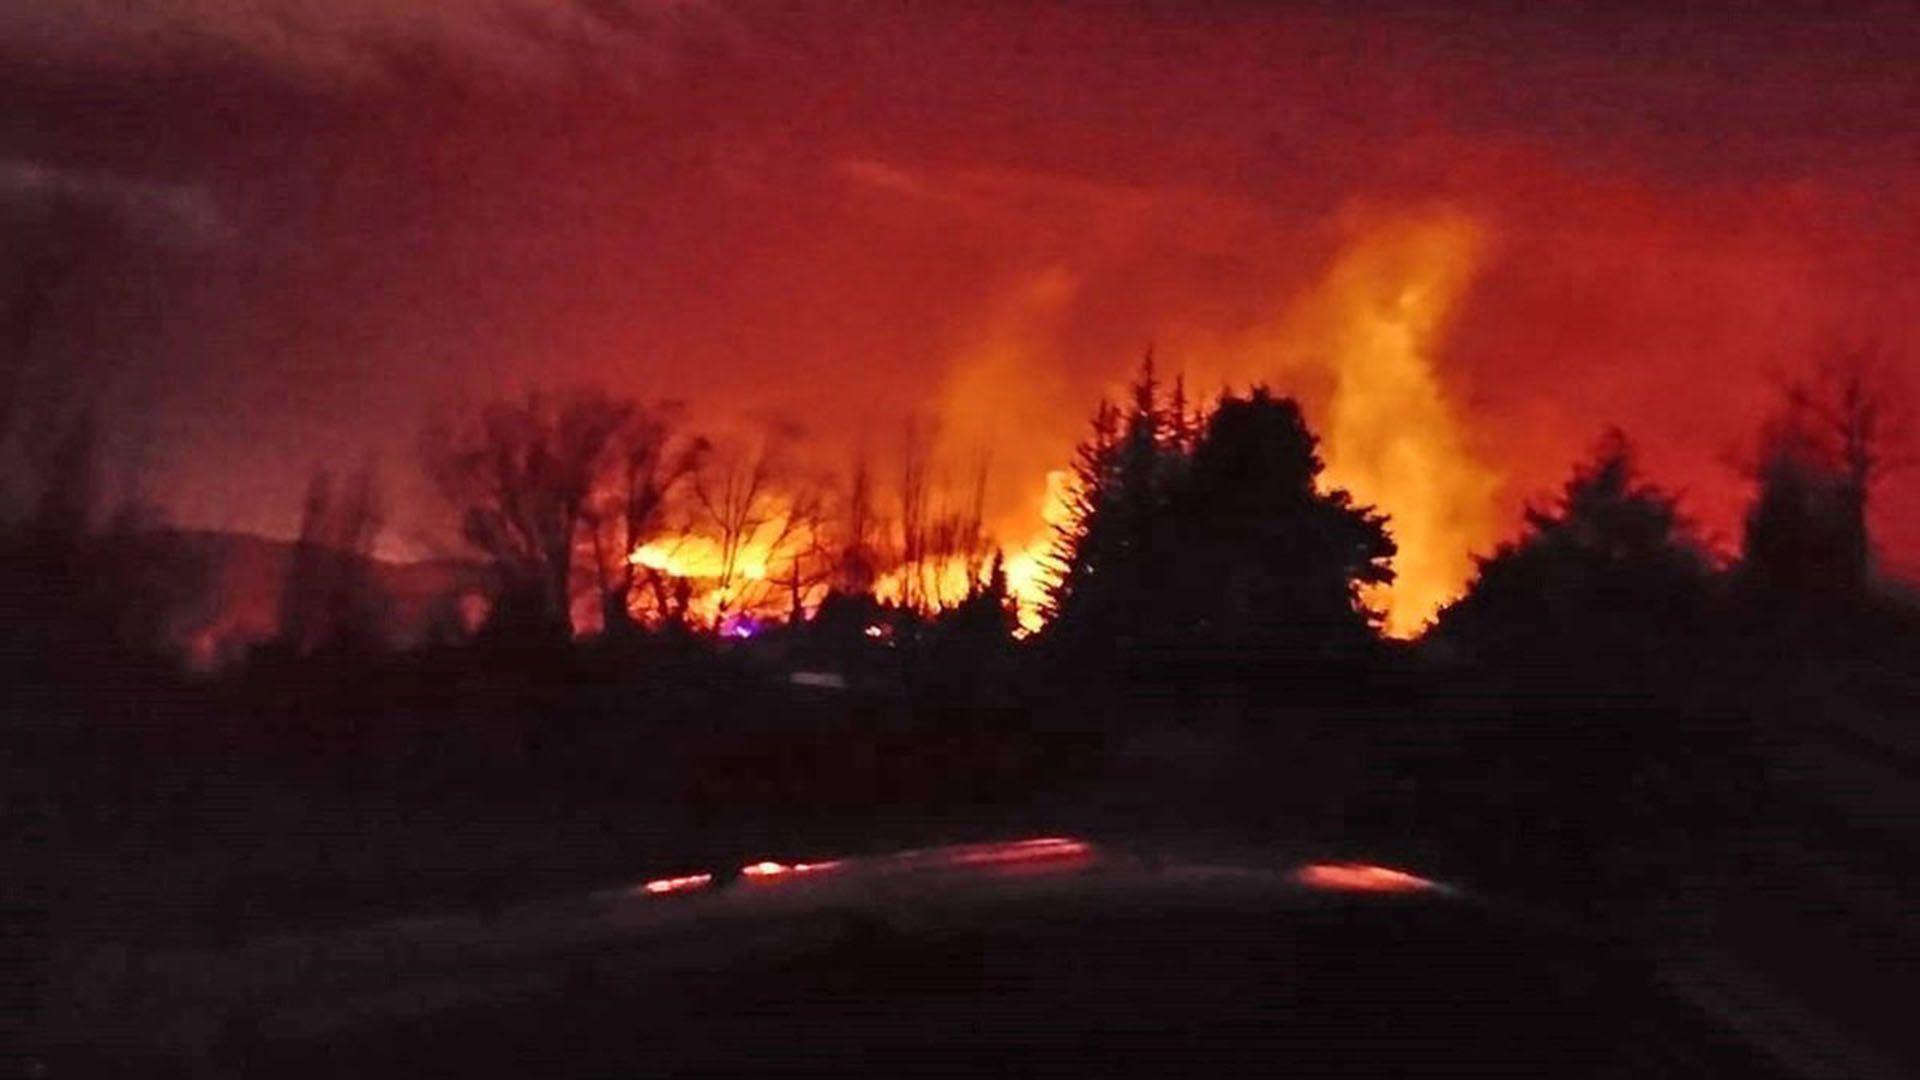 El incendio forestal se provocó en Potrerillos (Twitter: @Cadena3Com)